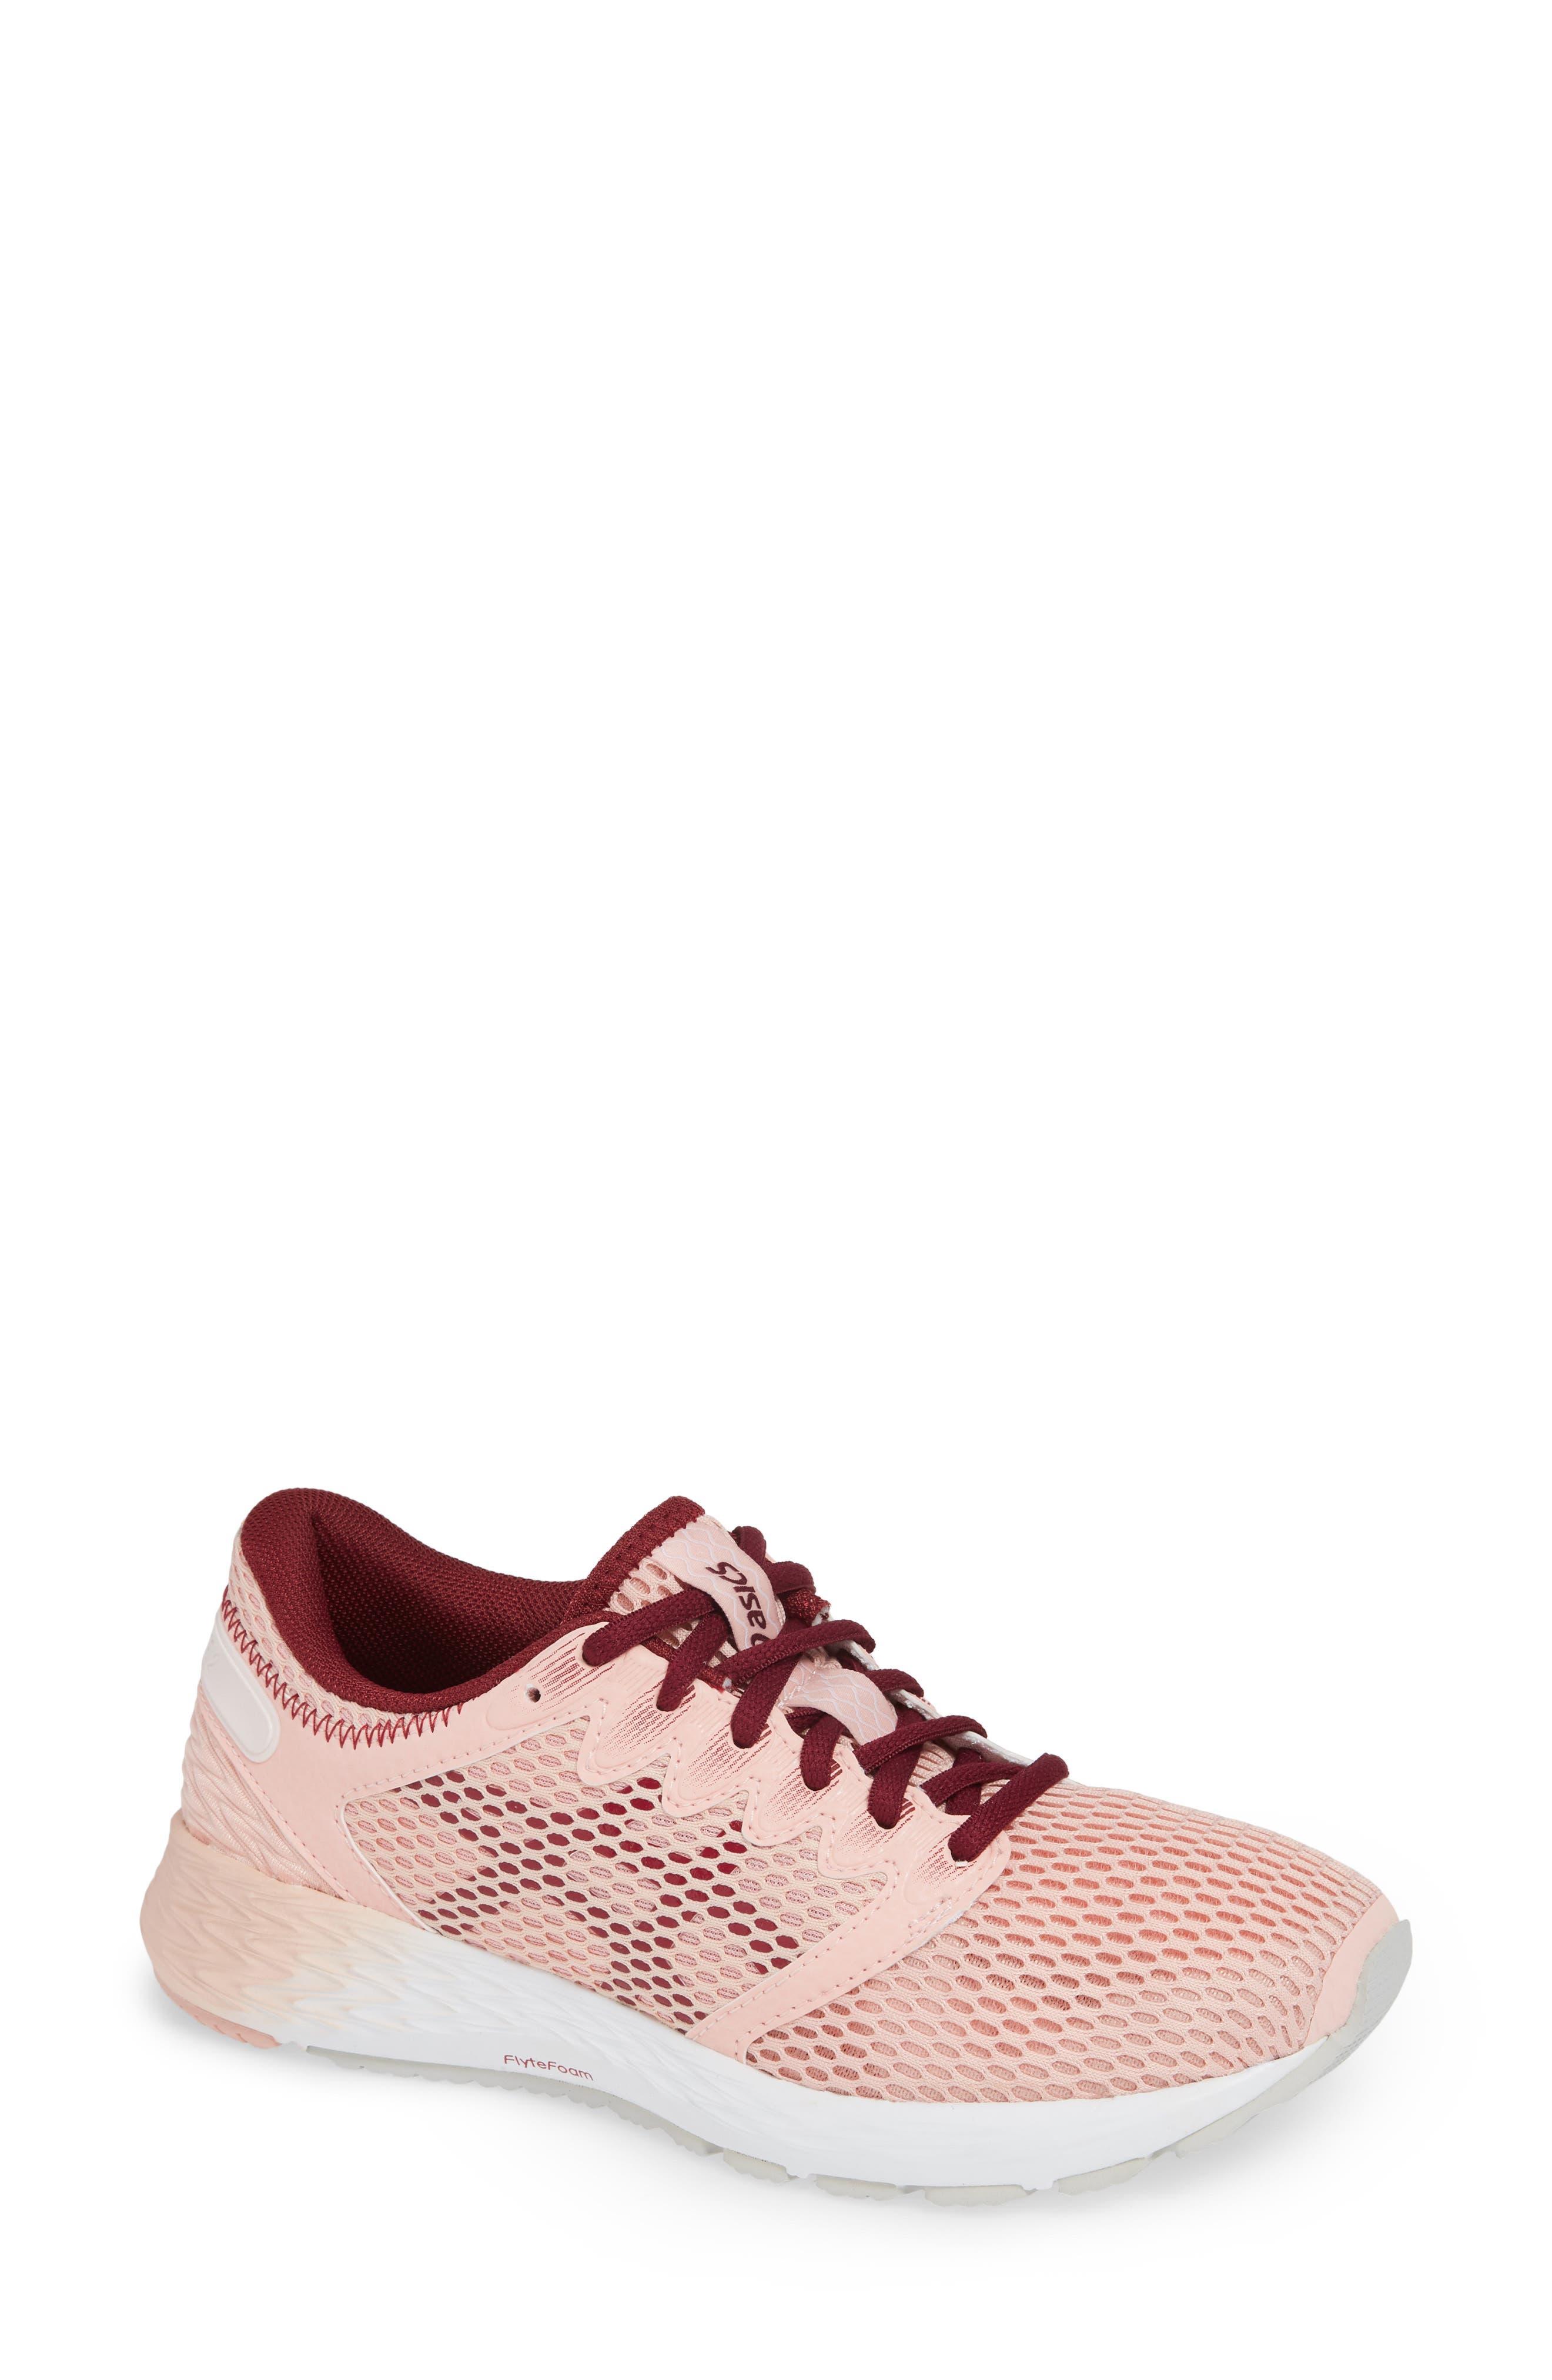 Asics Roadhawk Ff 2 Running Shoe, Pink